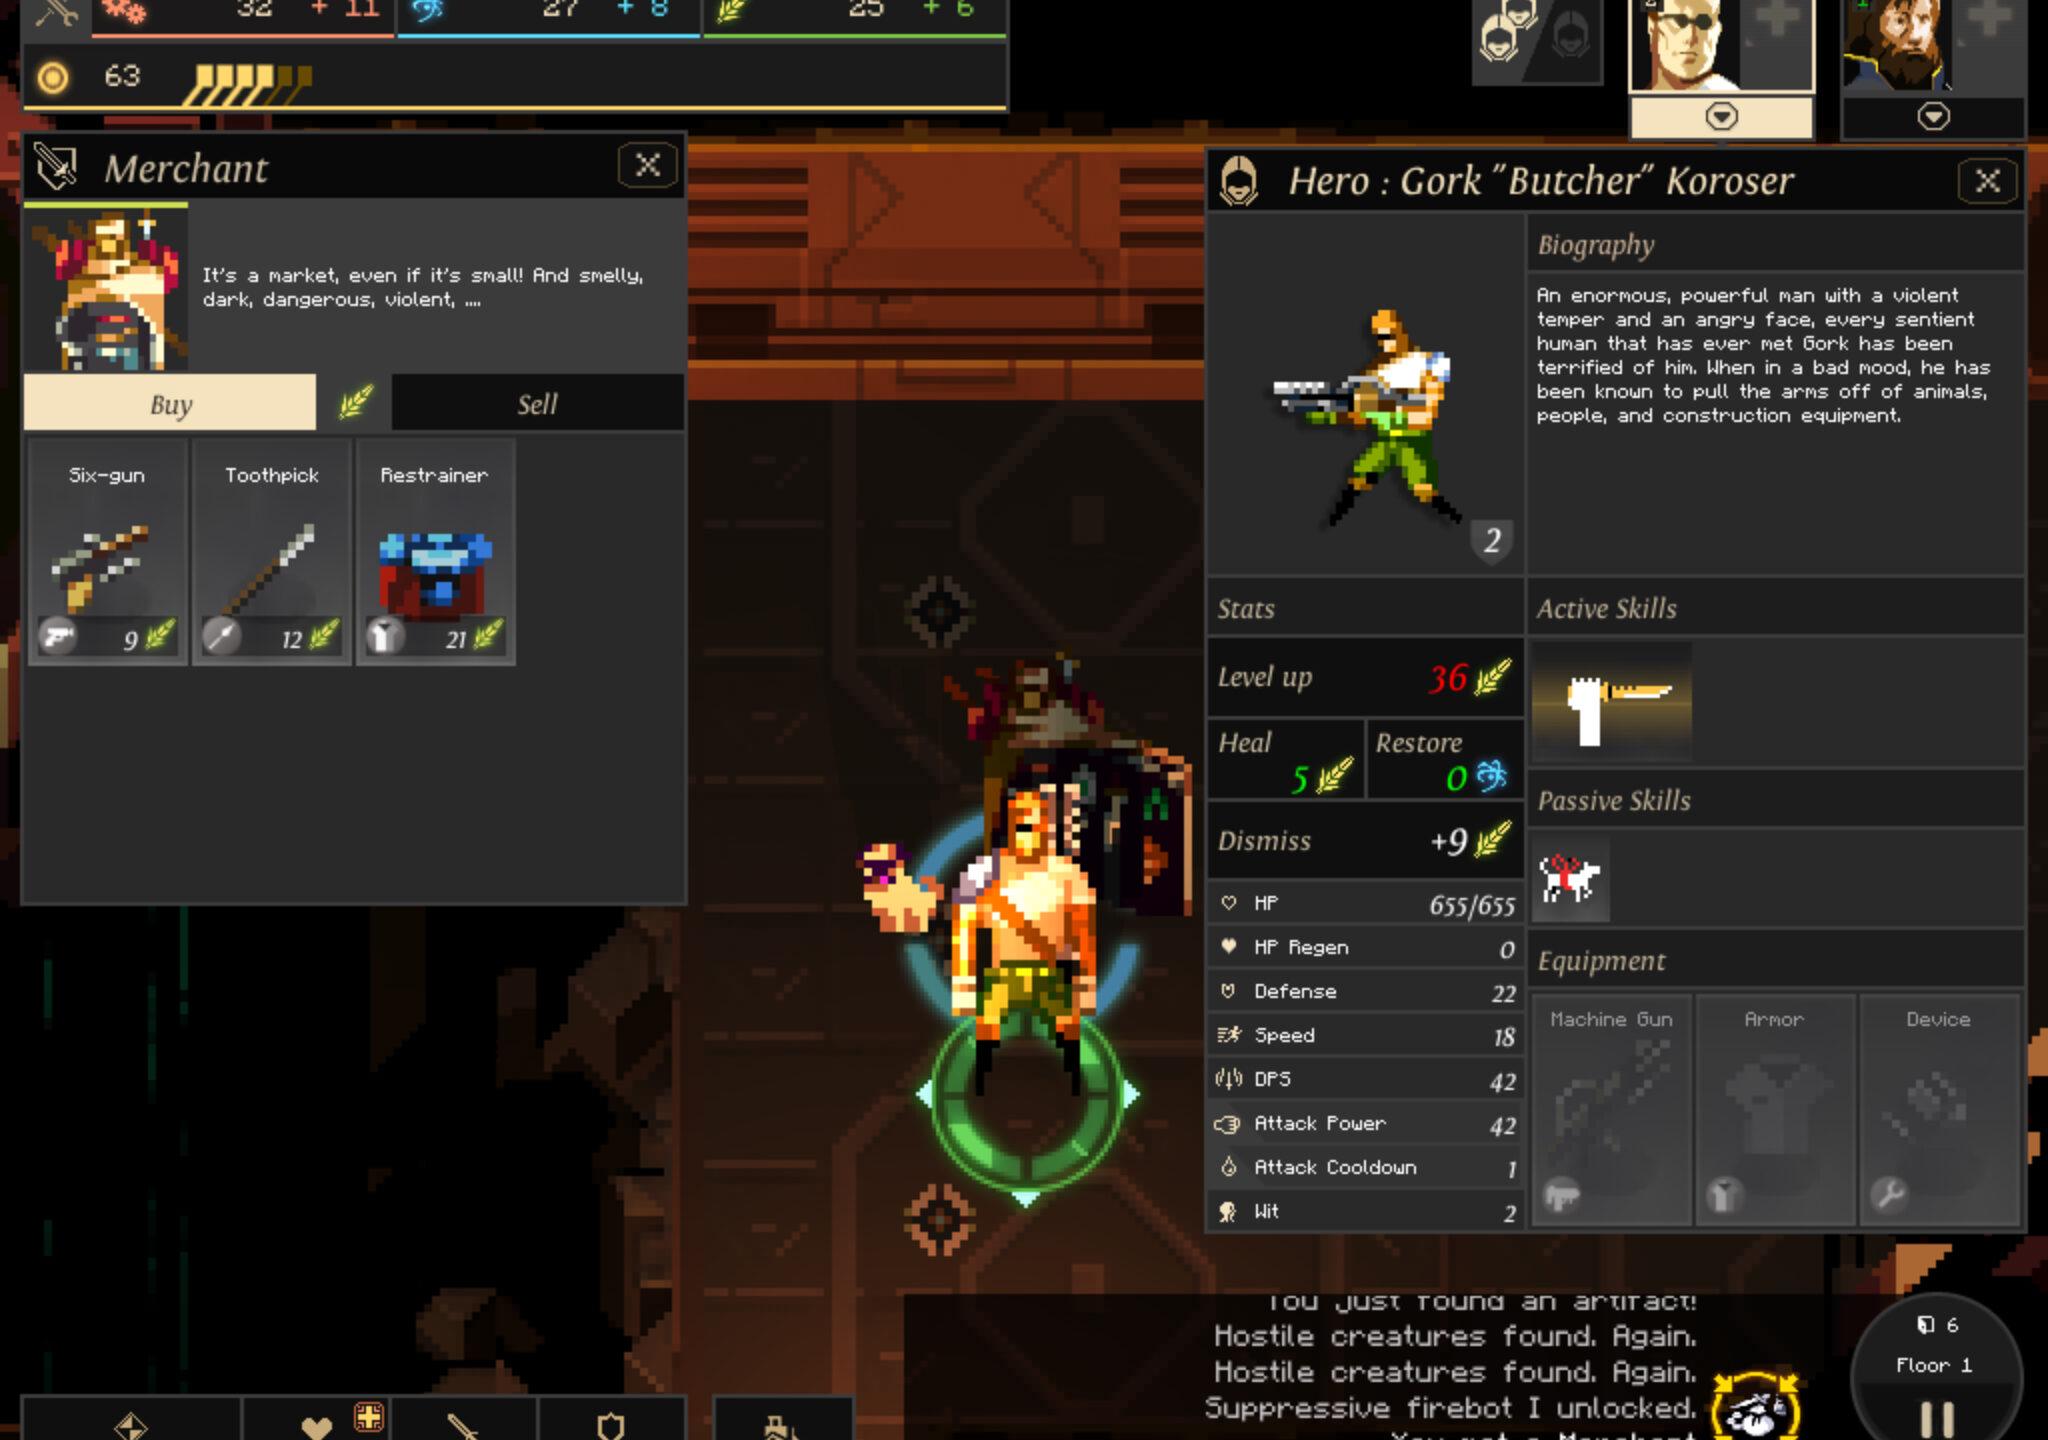 Dungeon of the Endless, développé sur PC par Amplitude (avec le concours de nombreux sous-traitants), porté sur mobile par Black Sheep Studio.